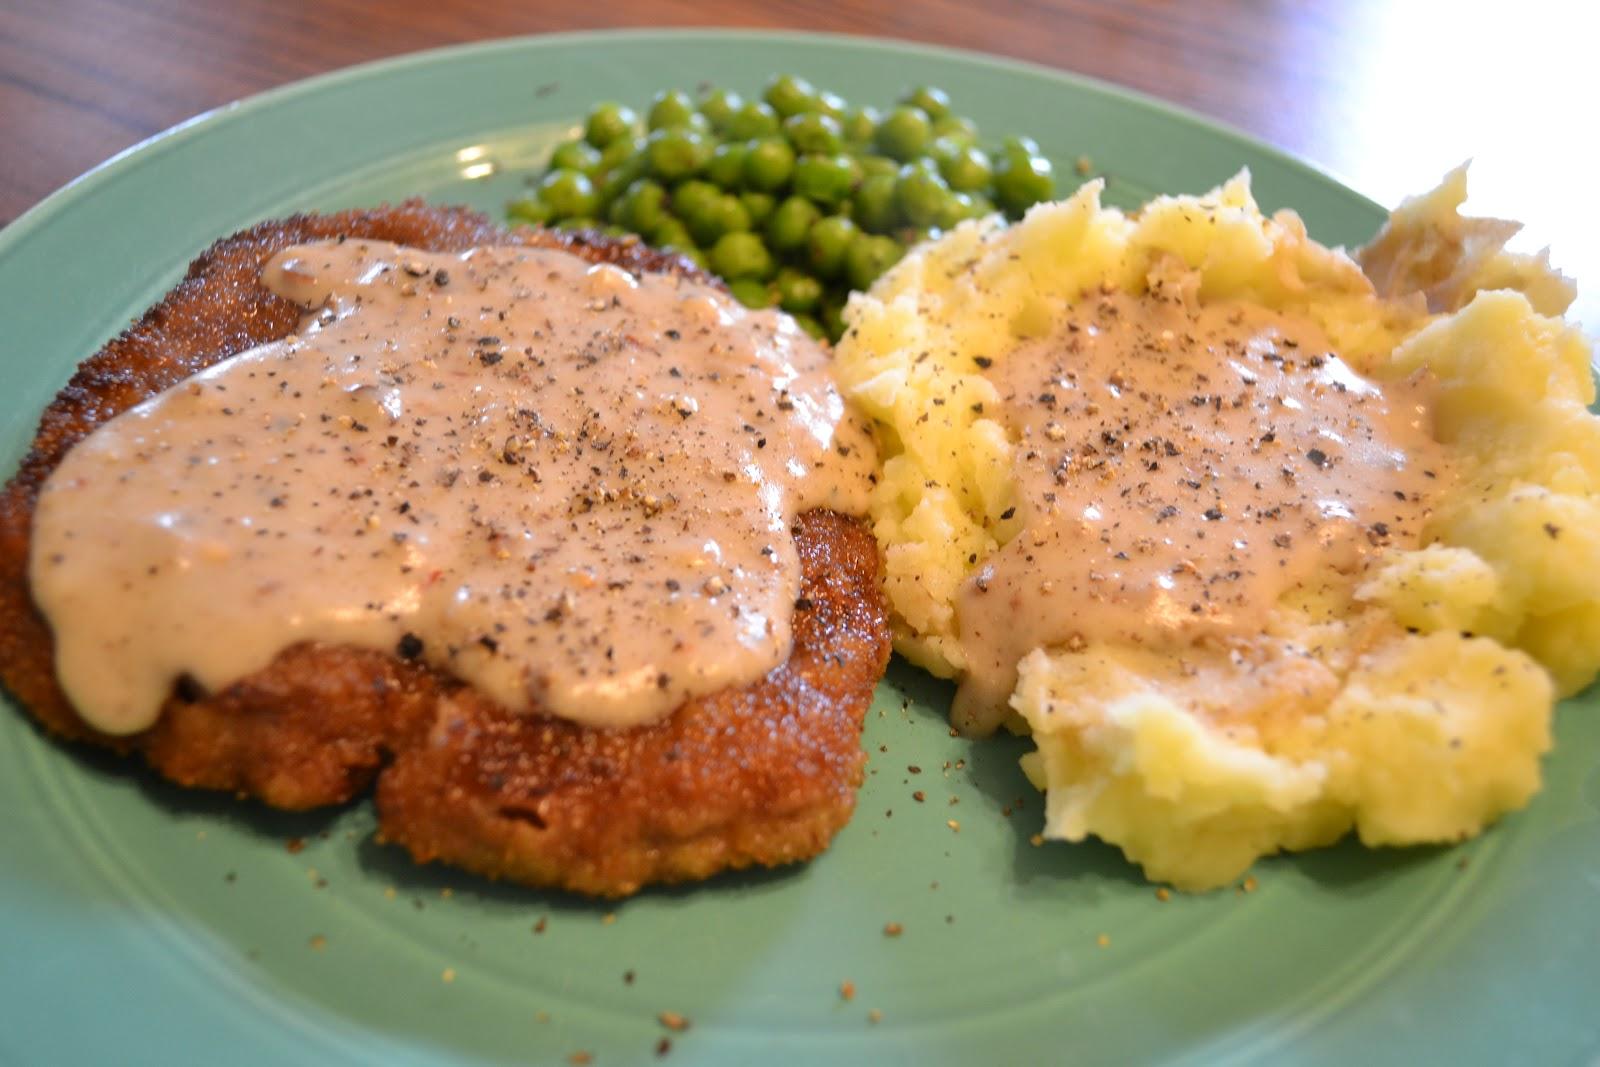 SLMPetersen: Foodie Friday - Chicken Fried Steak